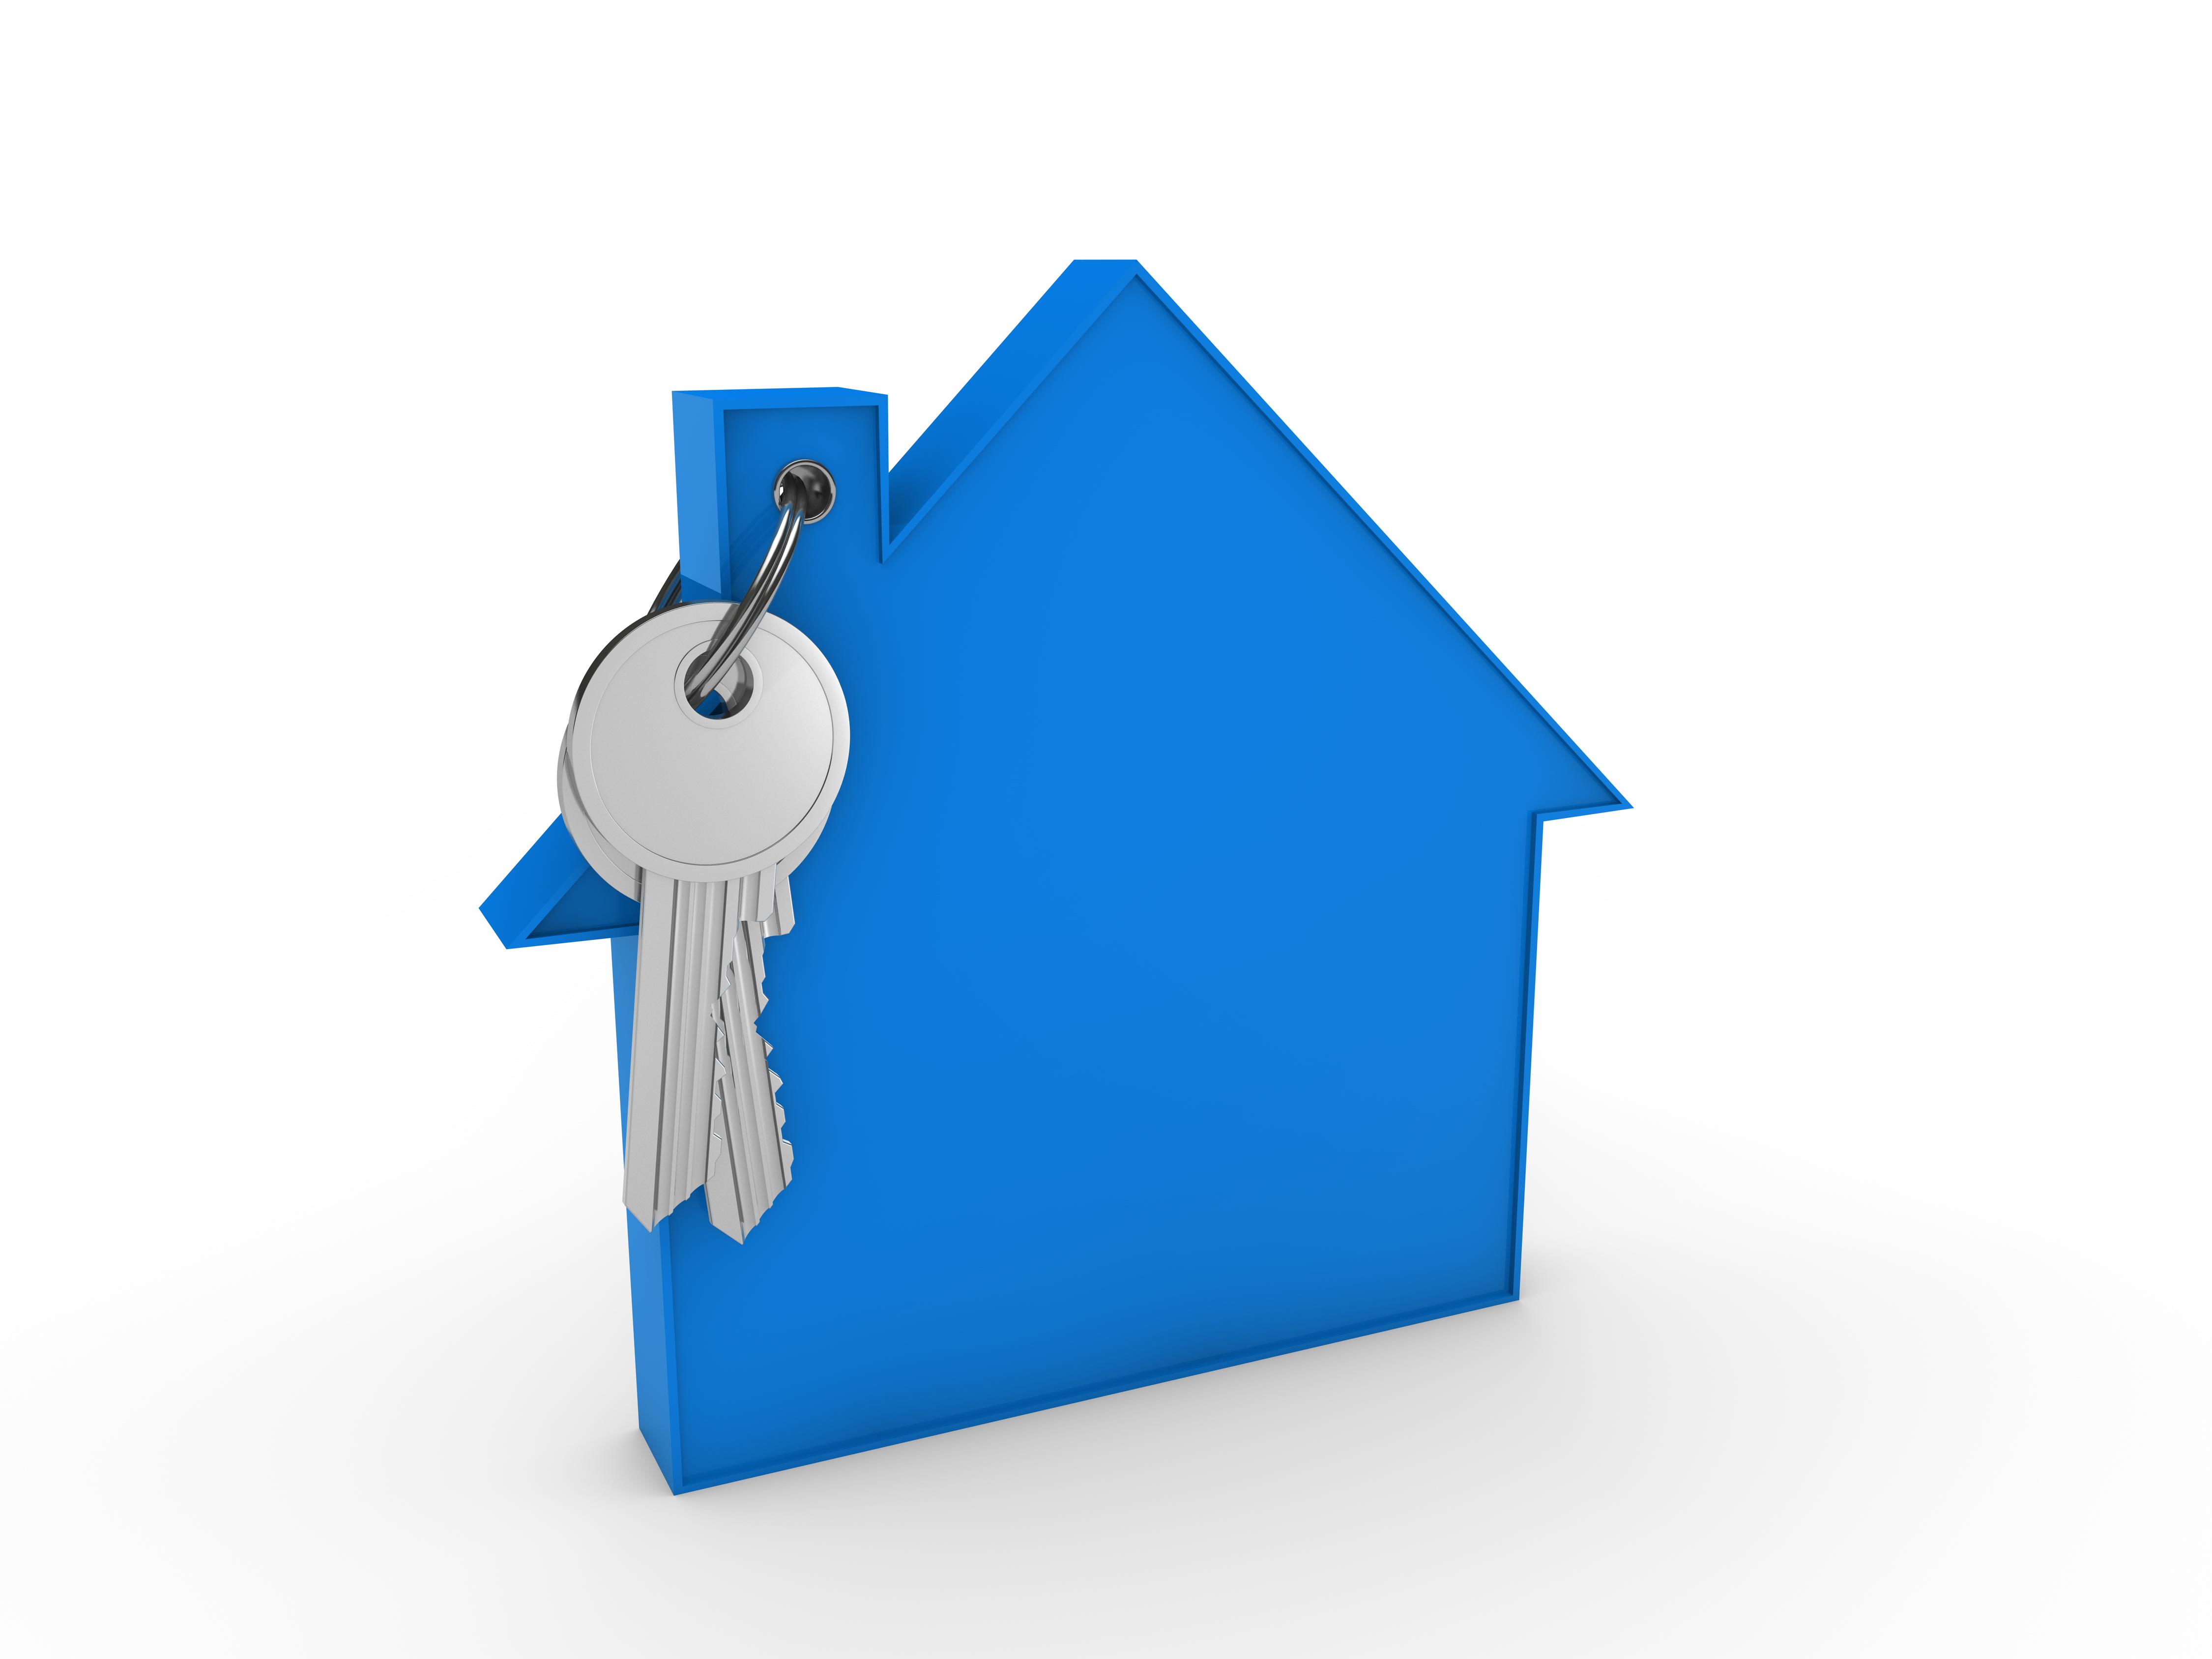 N'hésitez pas à nous solliciter afin de connaitre nos programmes immobiliers neufs à la vente à Reims et dans la France entière, pour loger vos enfants confortablement tout en profitant d'économies d'impôts !